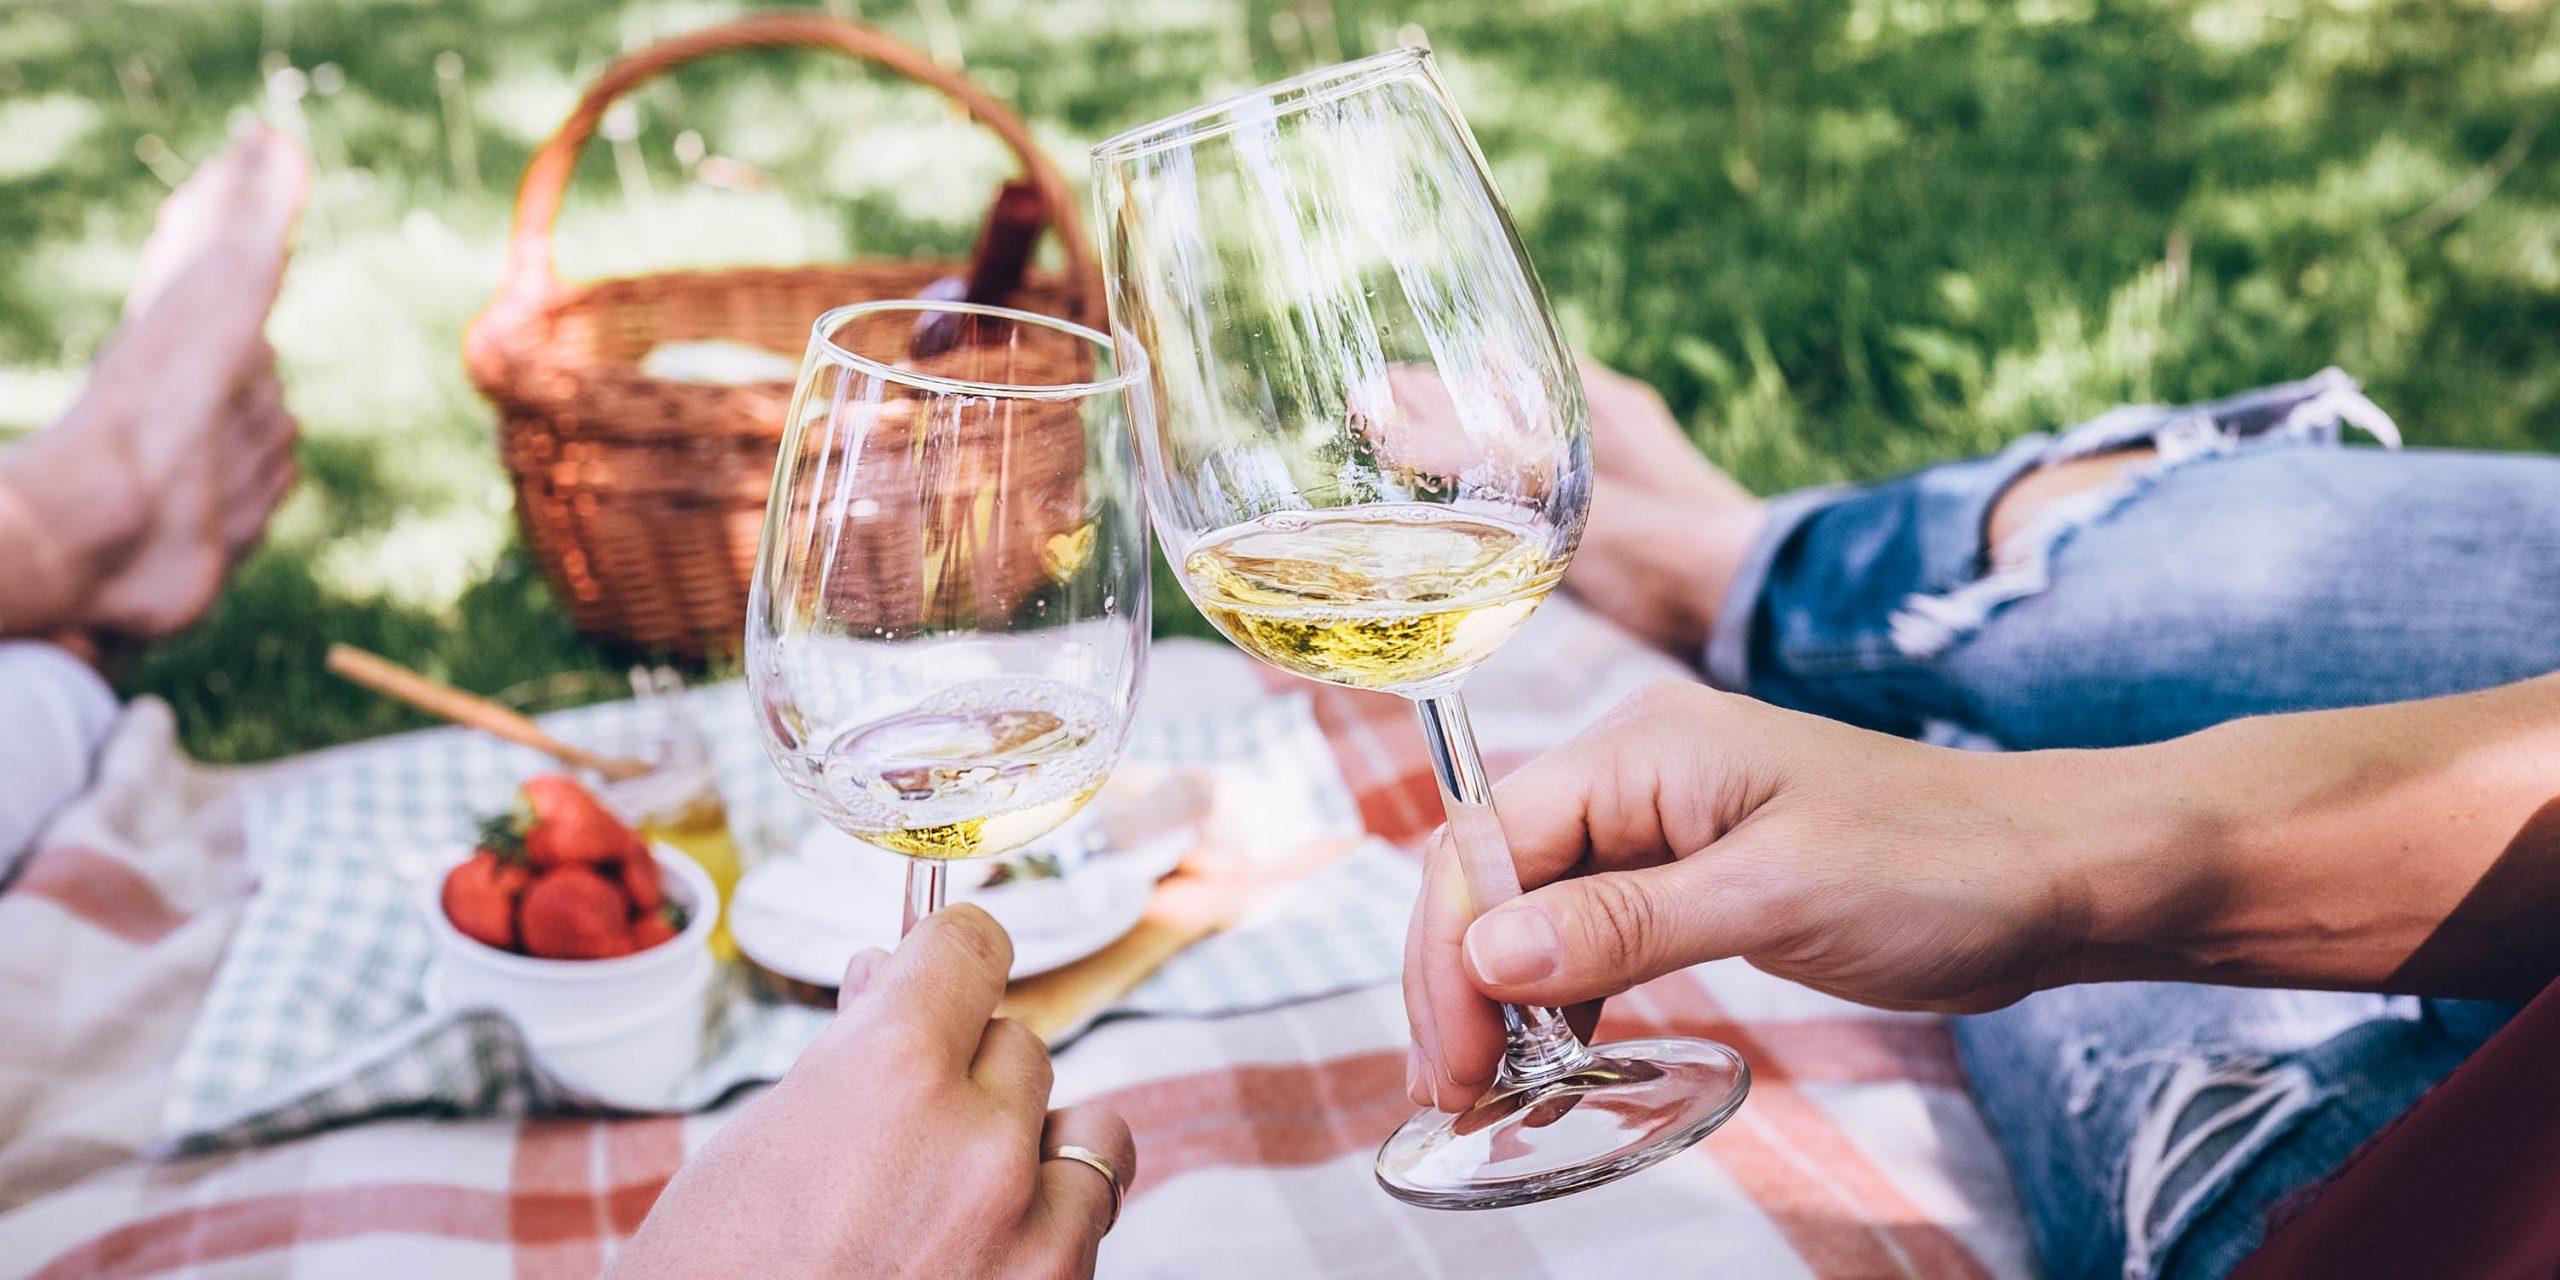 Grigliate, picnic e cene d'estate: gli abbinamenti di vino perfetti